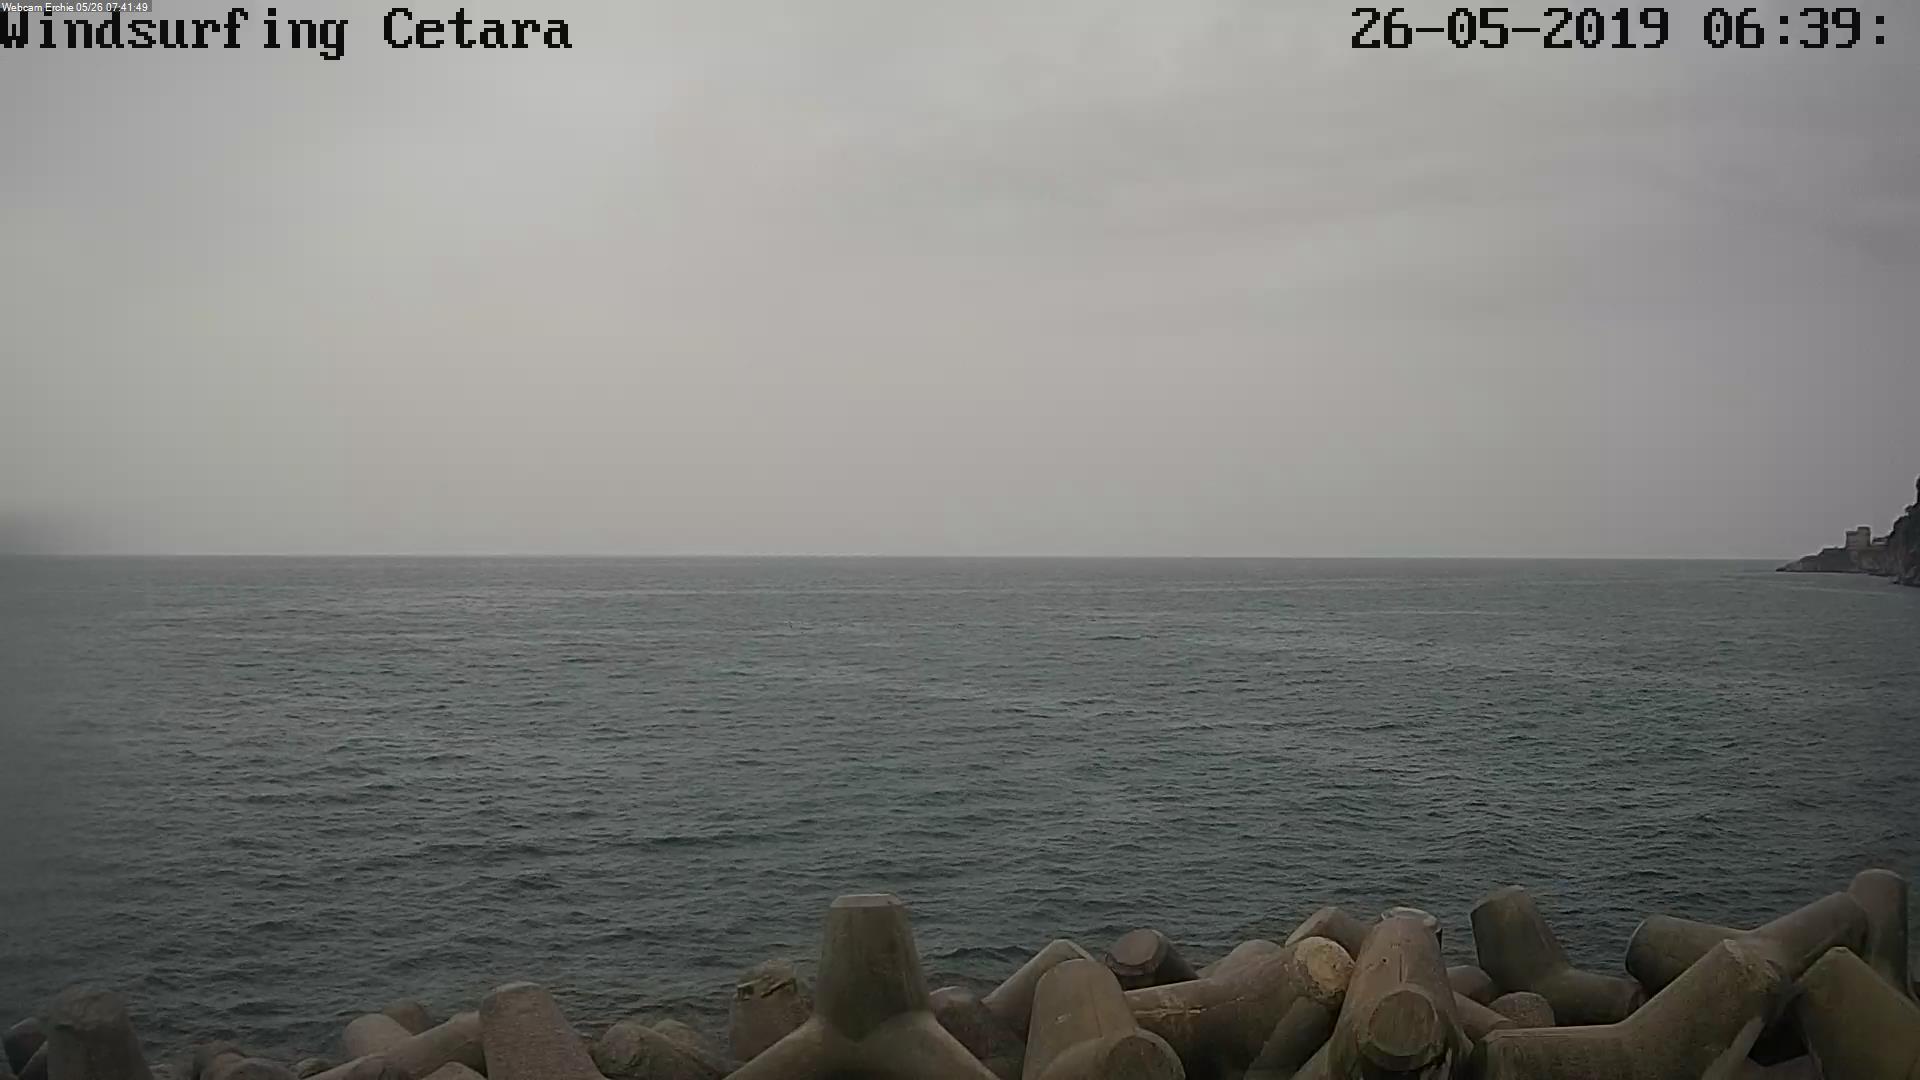 Webcam Windsurfing Cetara aggiornamento immagine in corso...